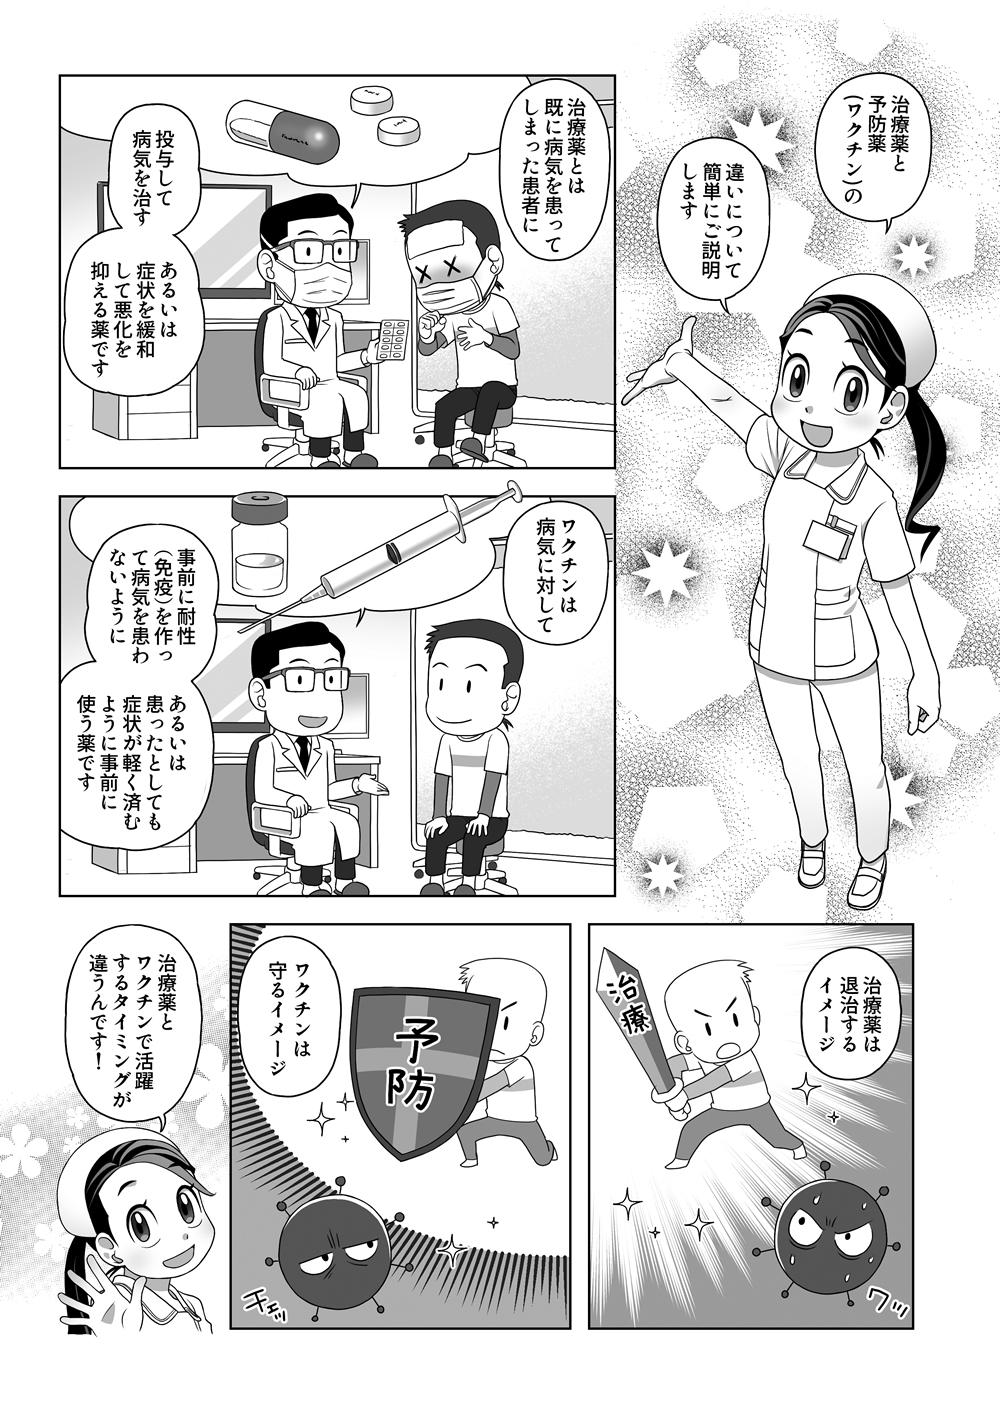 漫画: 治療薬と予防薬(ワクチン)の違い